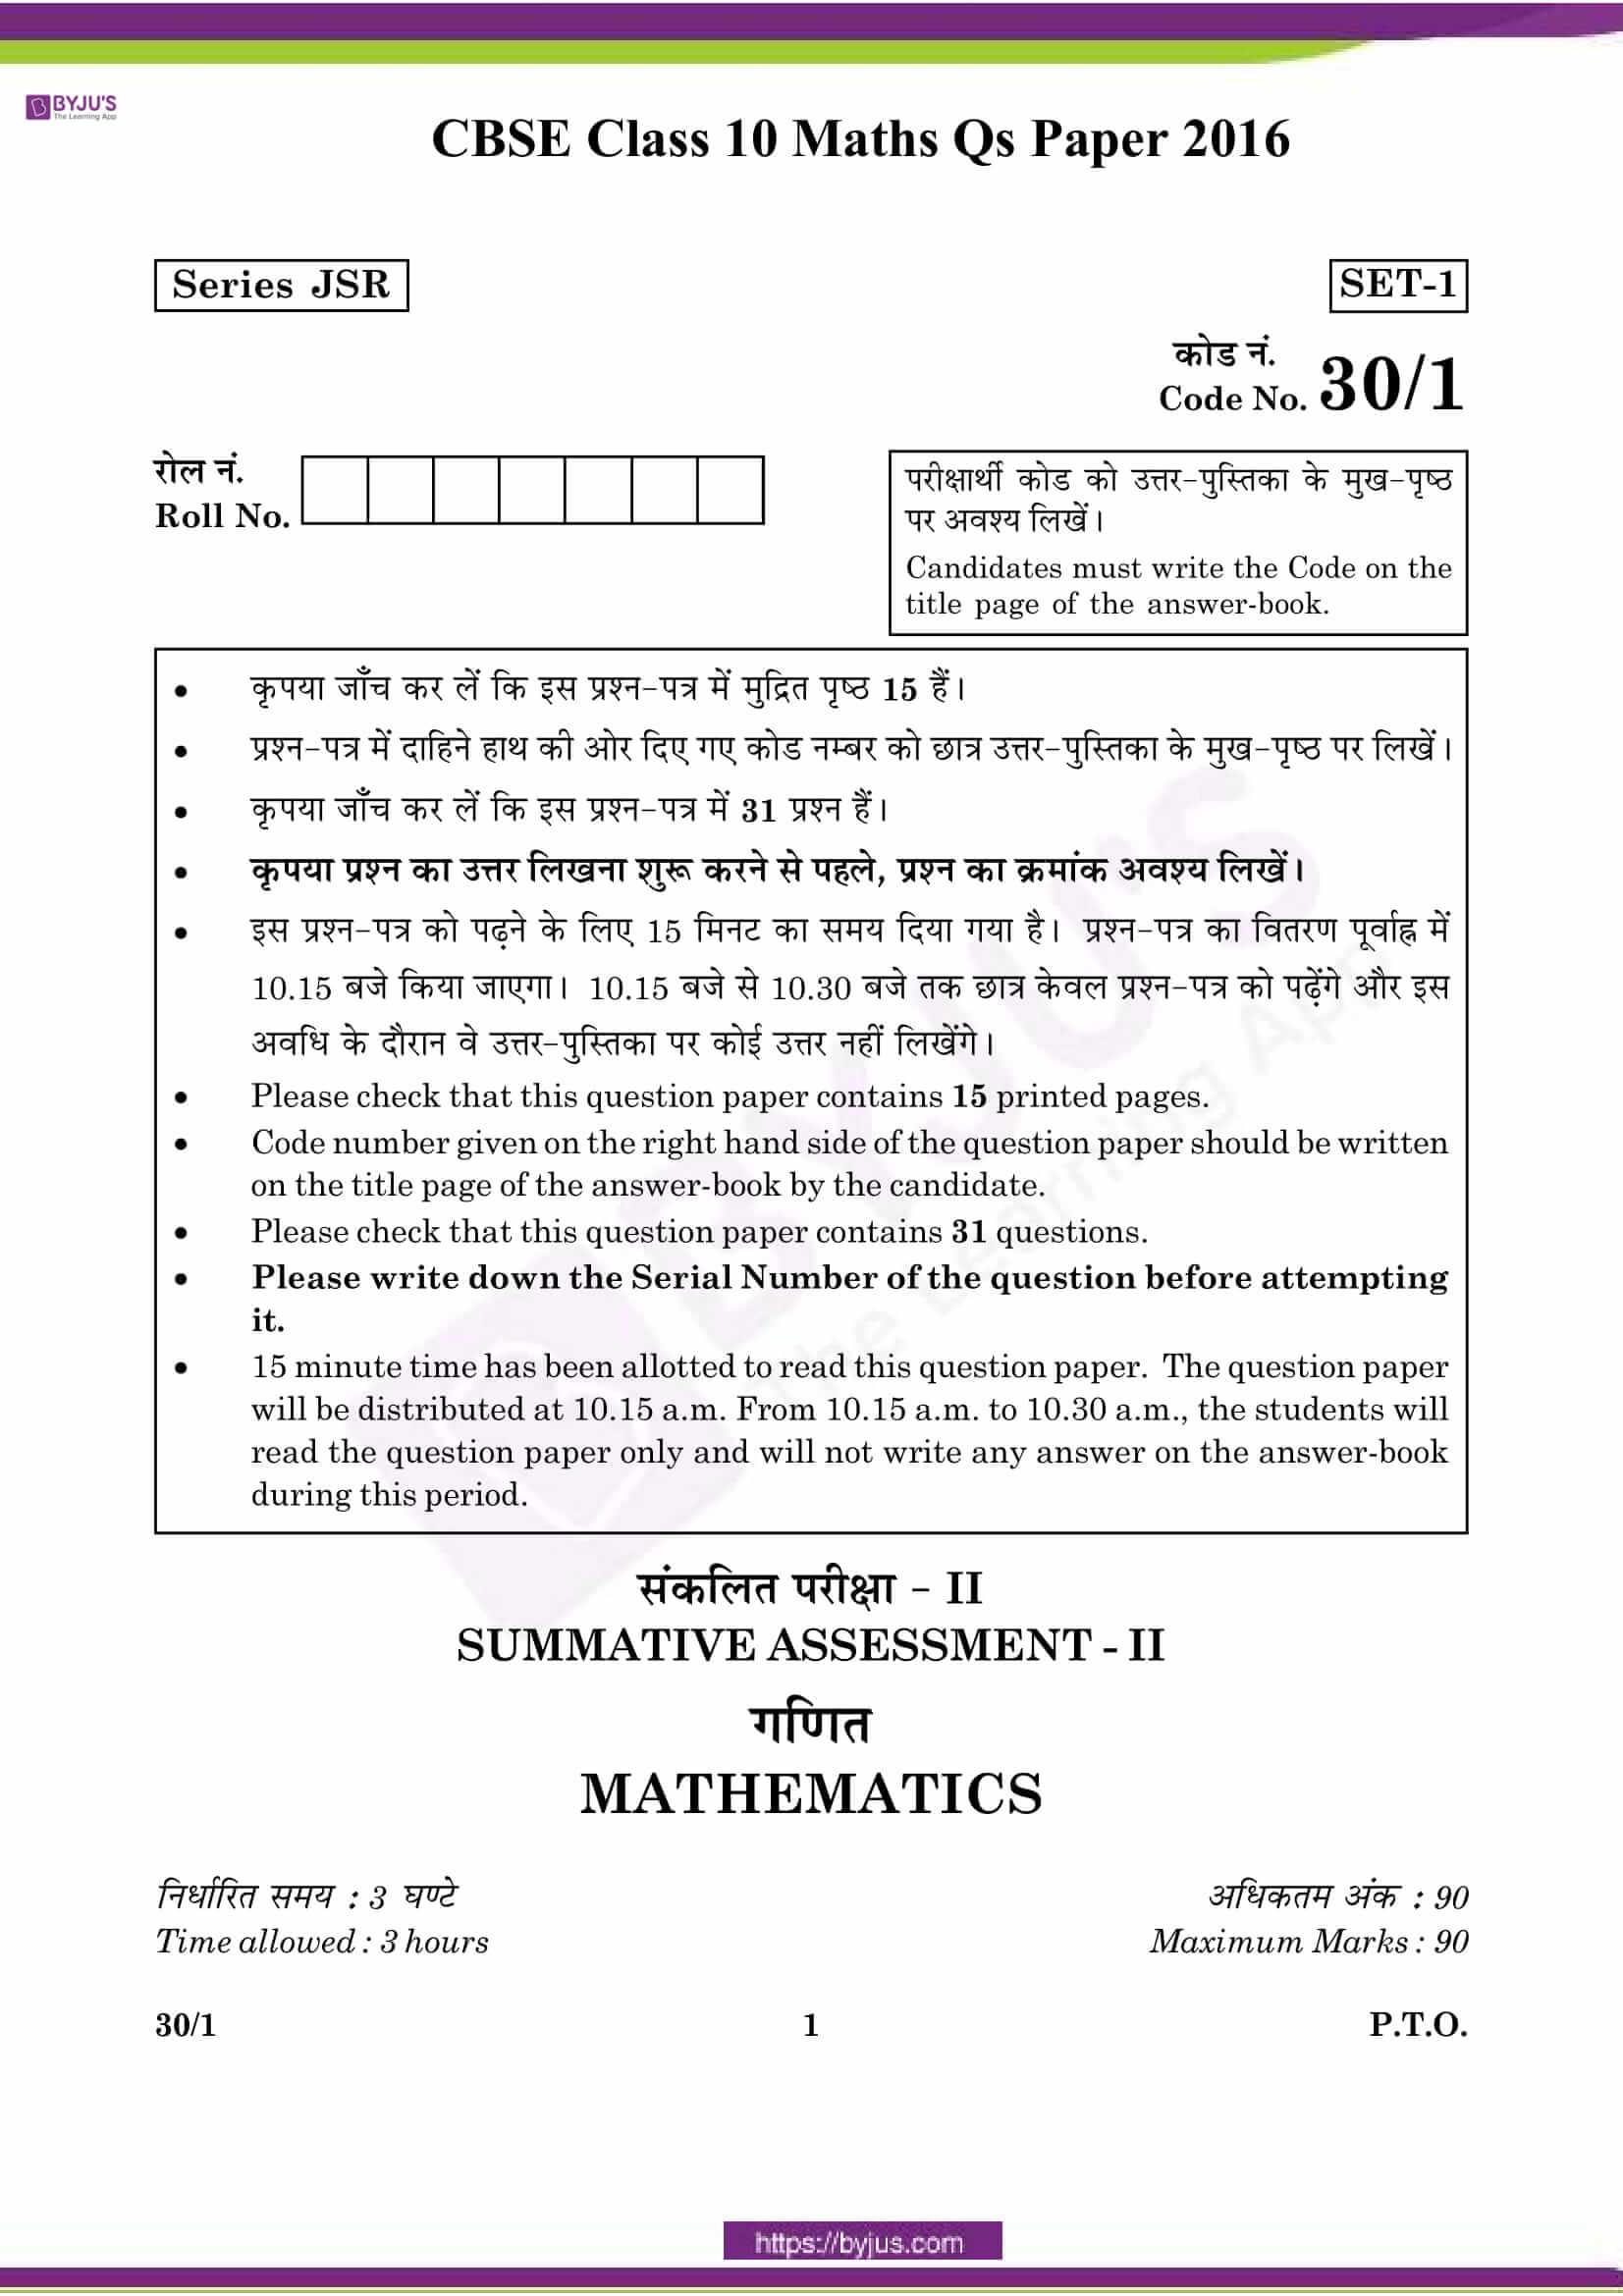 CBSE Class 10 Maths Qs Paper 2016 SA 2 Set 1 01